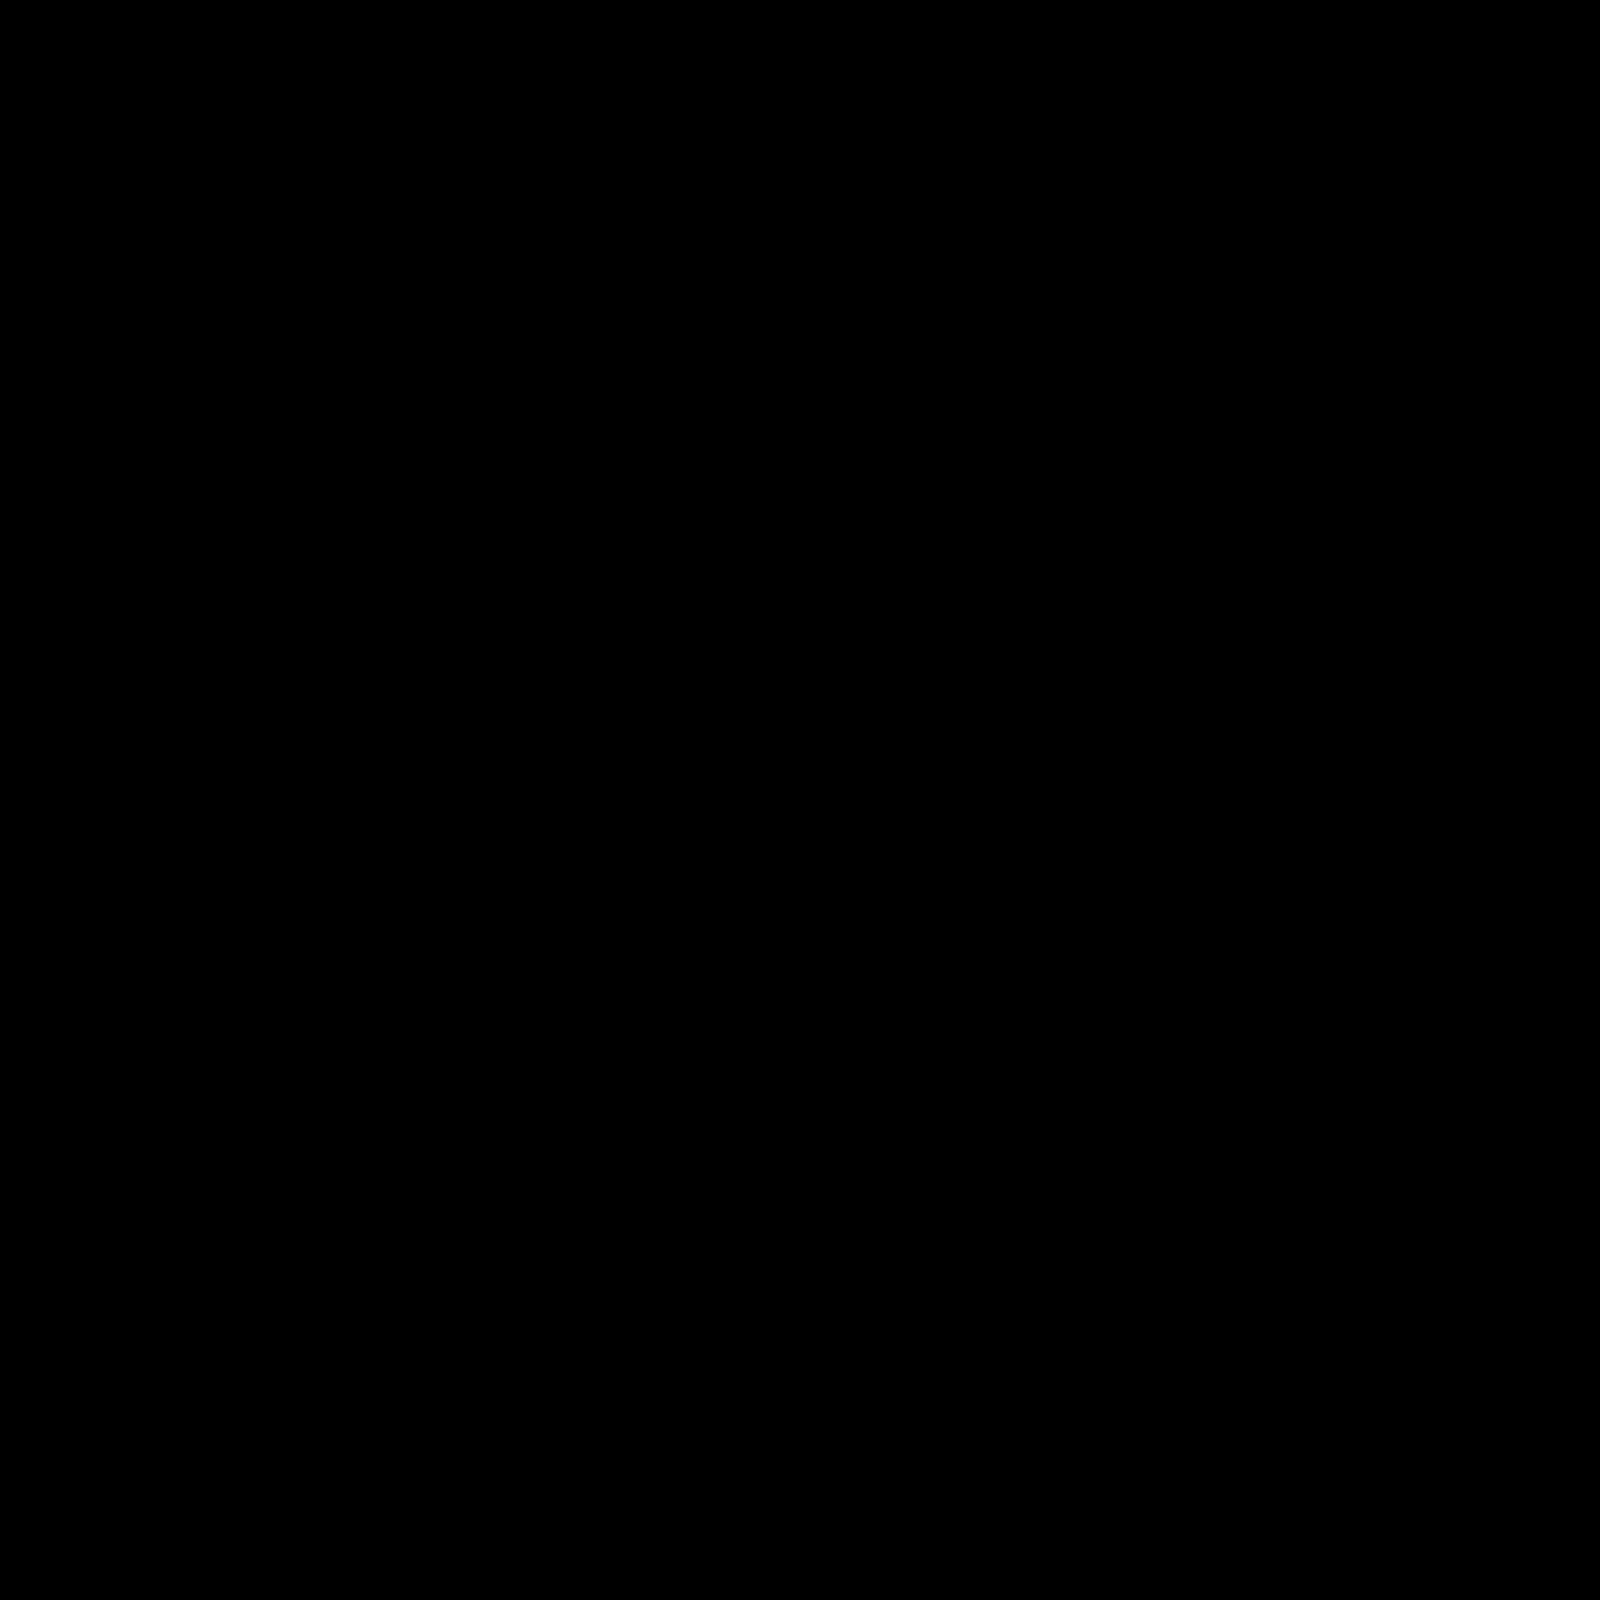 Aplic Art Logo Vector PNG-PlusPNG.com-1600 - Aplic Art Logo Vector PNG